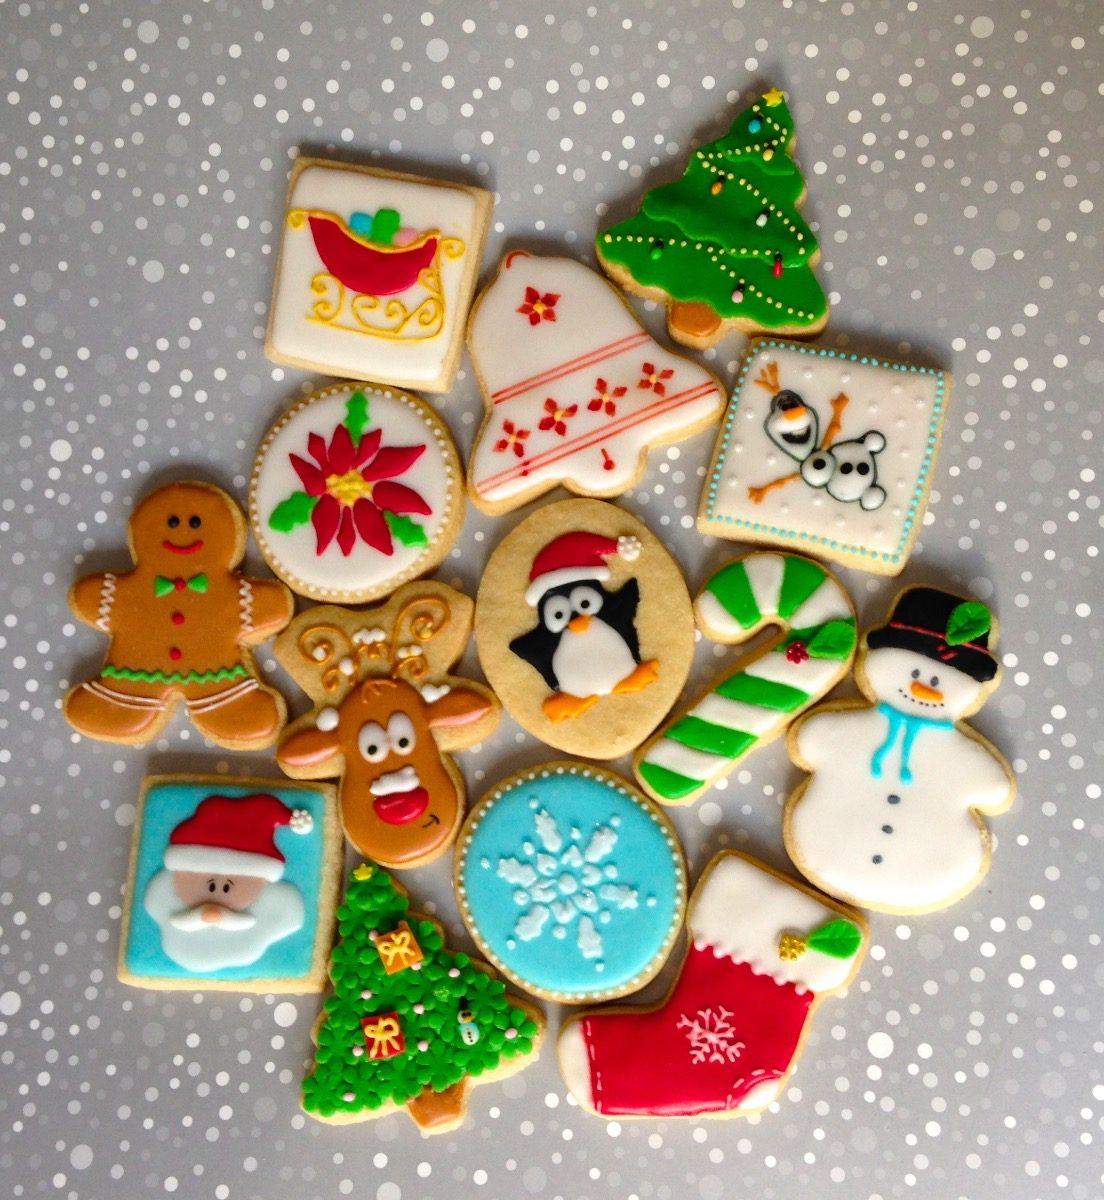 Imagenes De Galletas De Navidad Decoradas.Galletas Decoradas De Navidad